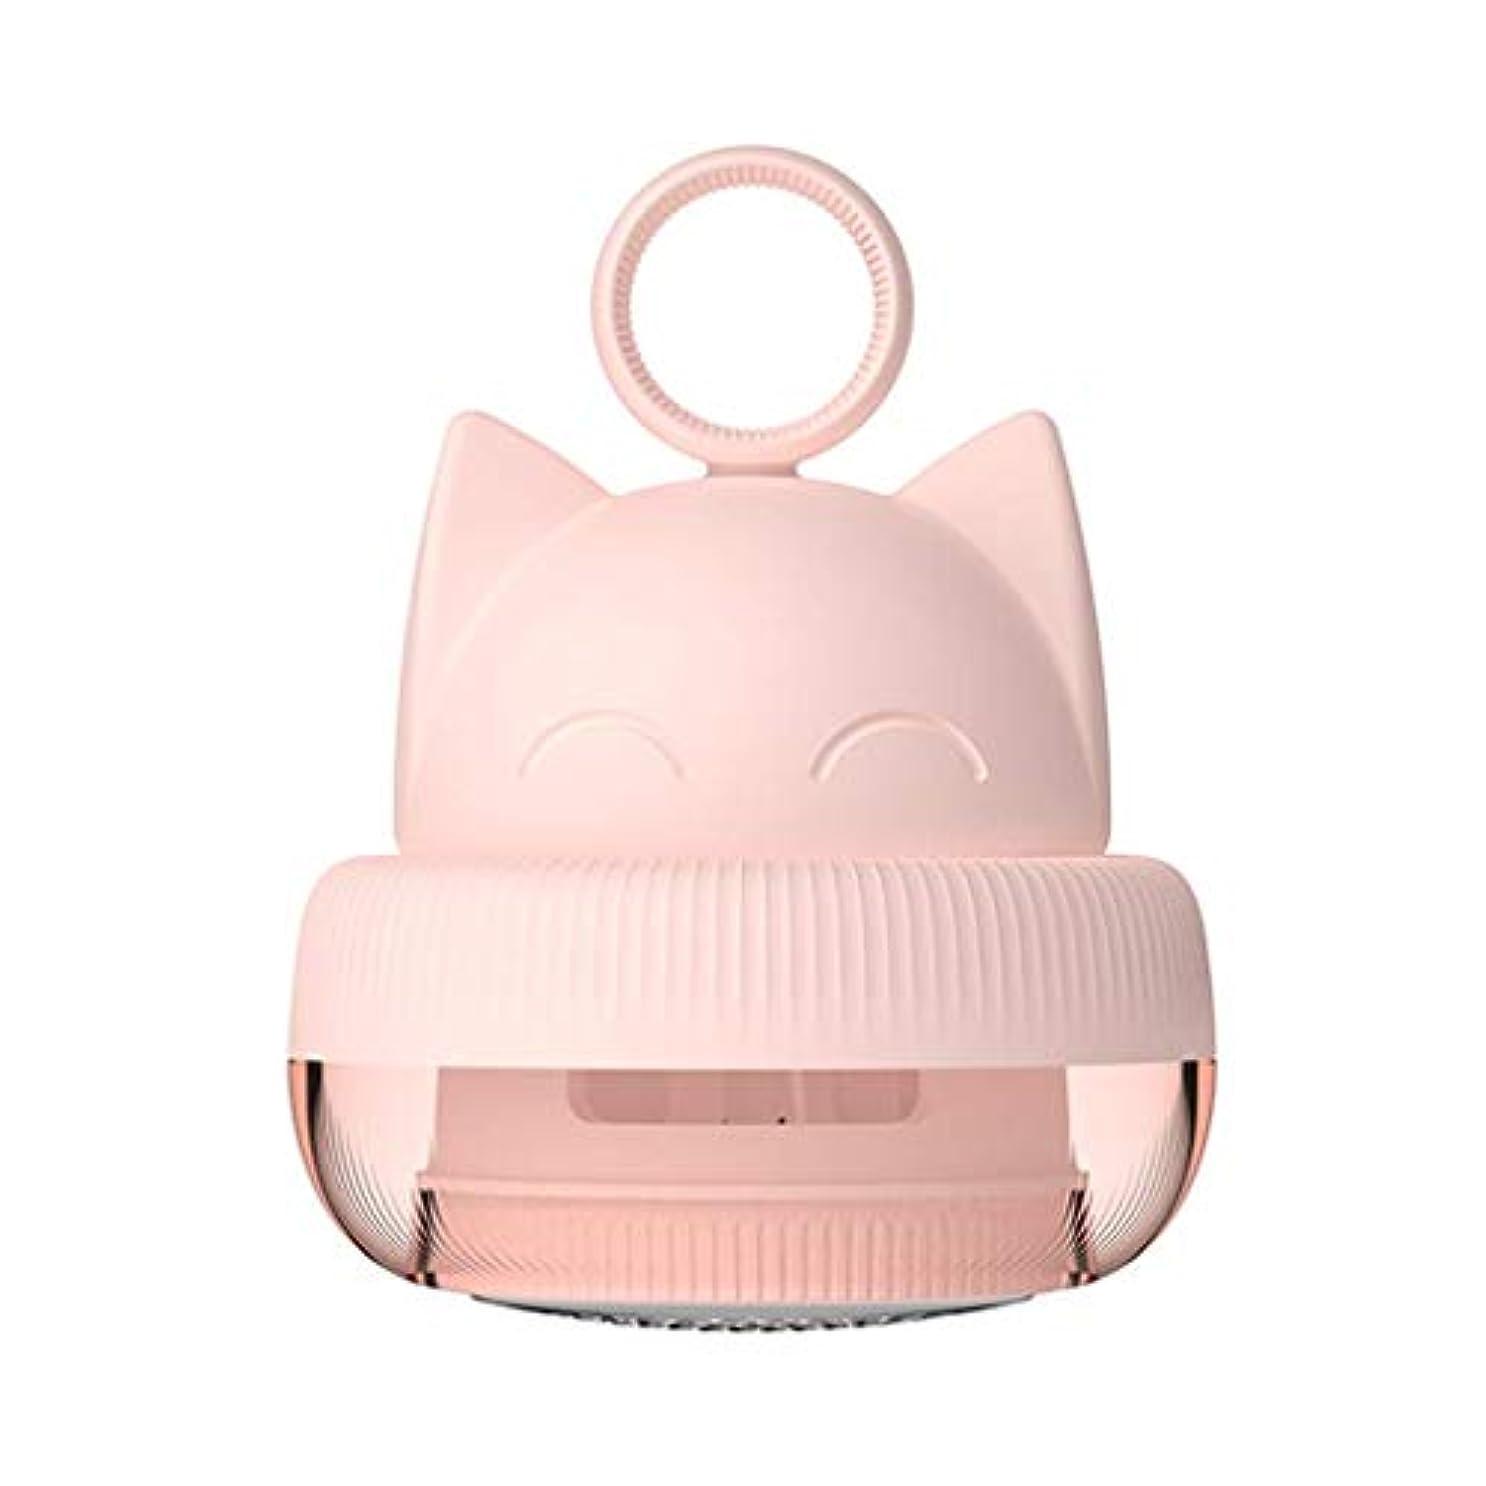 エレガント準備ができて副産物HIZLJJ リントリムーバー、携帯用電気ファブリック服家具シェーバー、セーターピルDefuzzerは、衣料品、カーペット、カーテンから丸薬ボールBobblesを削除します (Color : Pink)